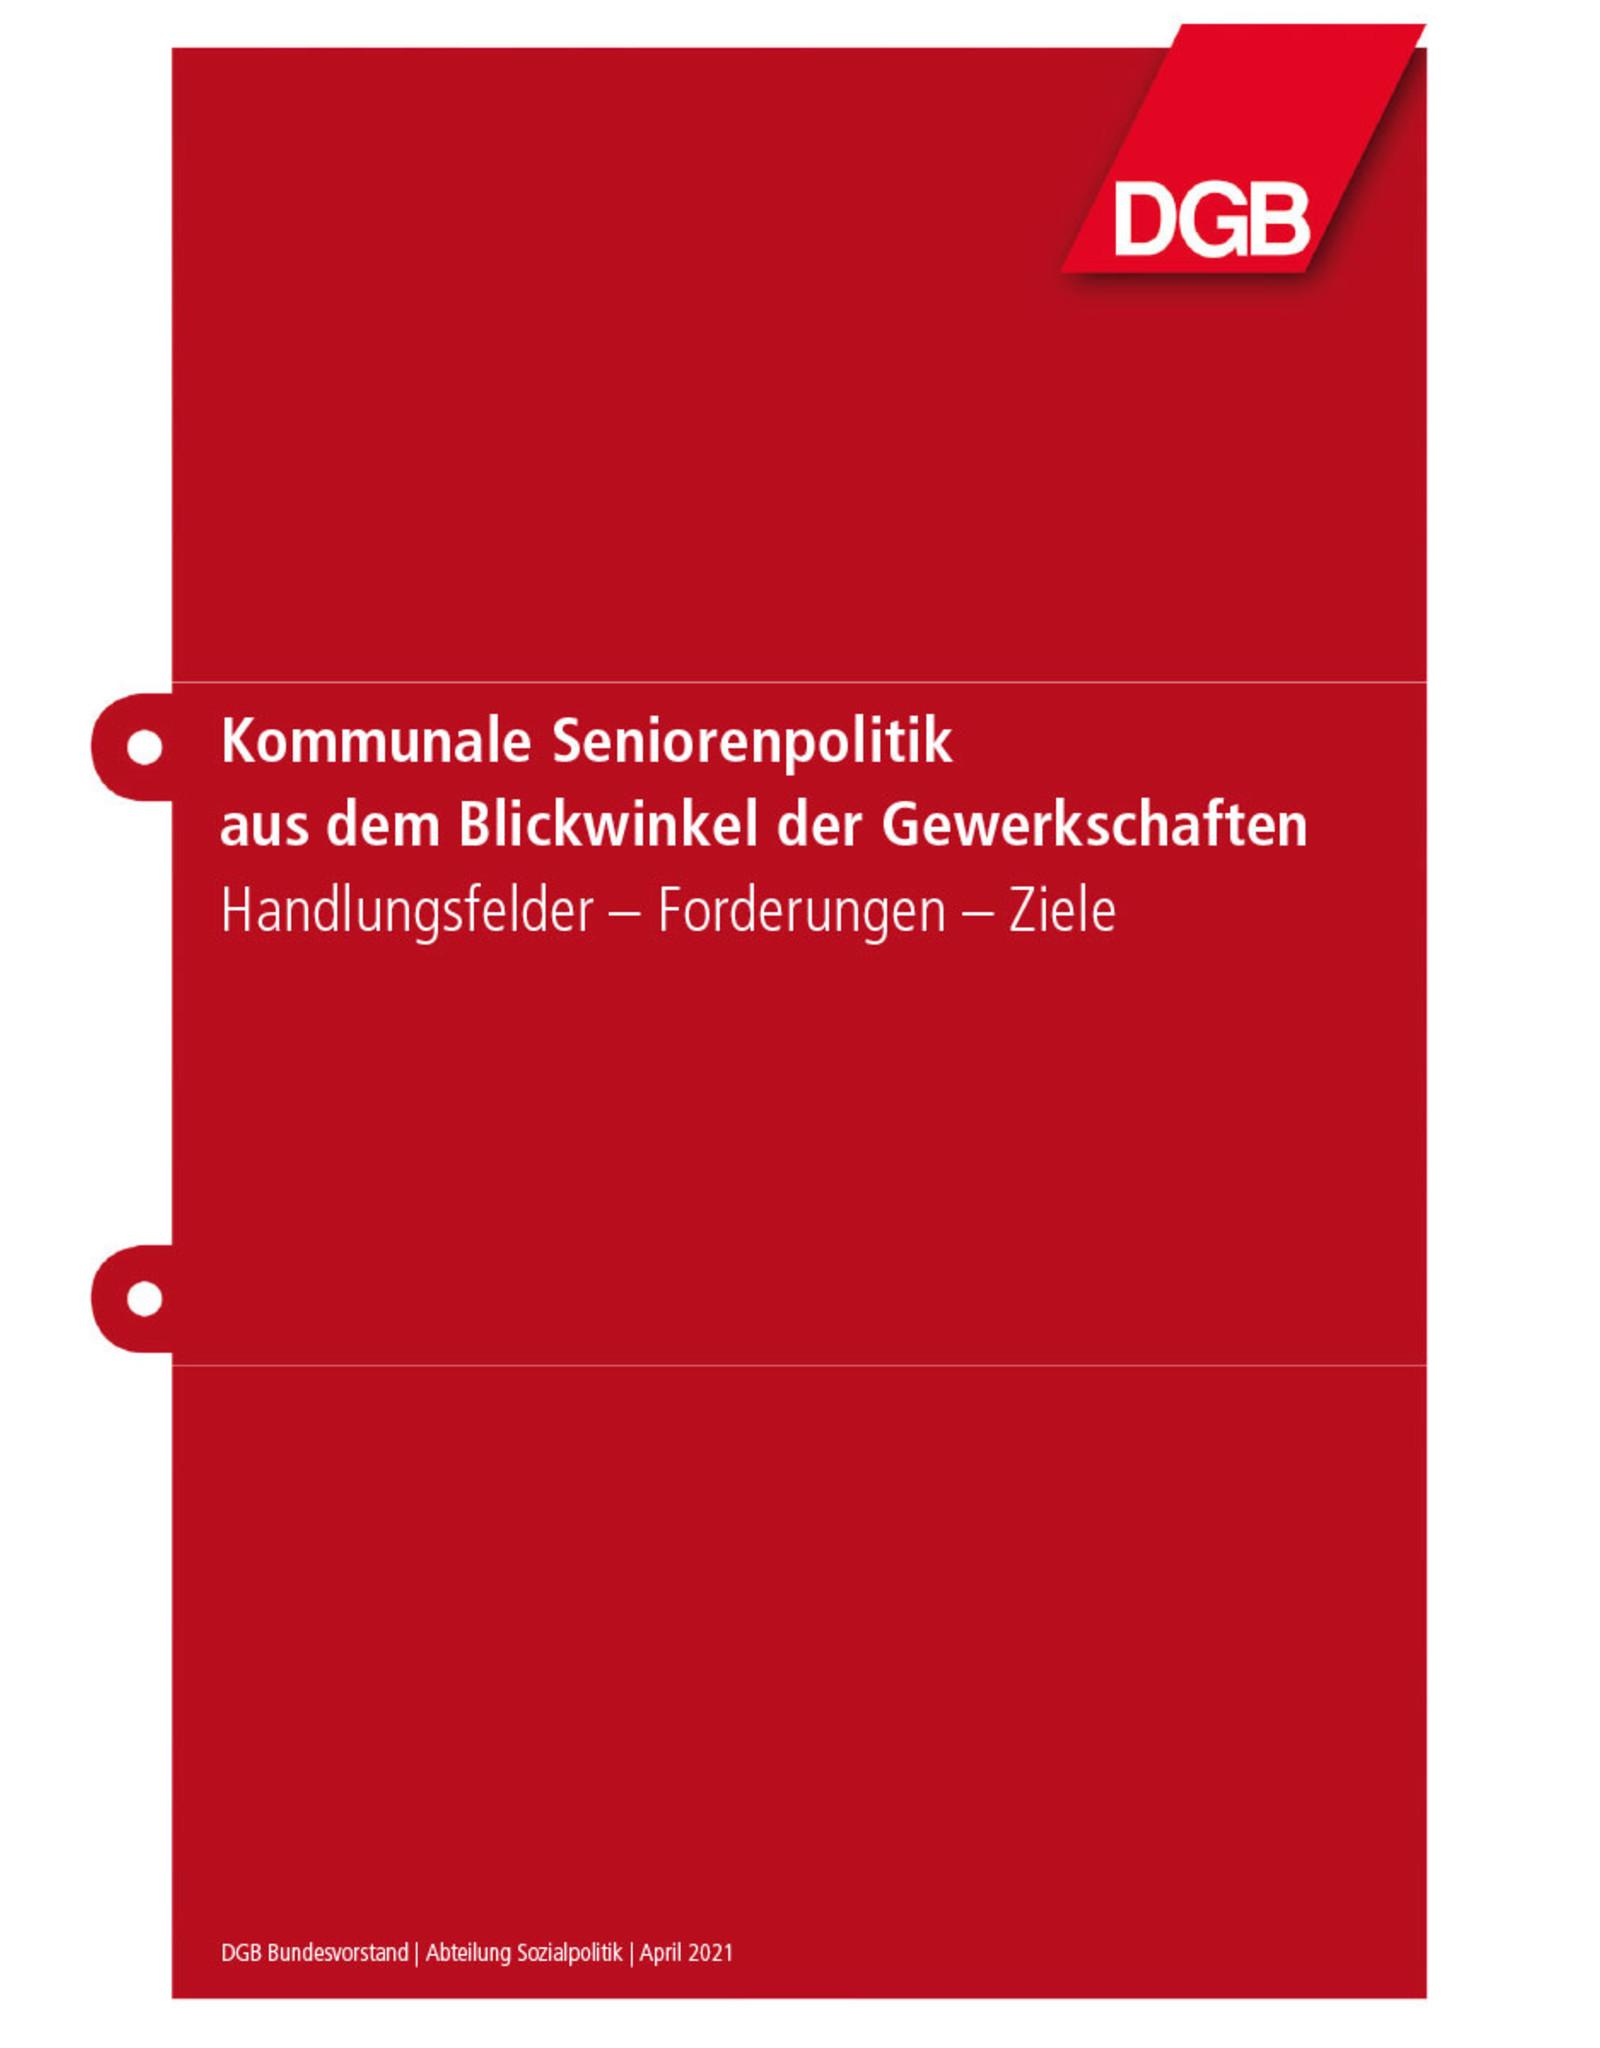 Kommunale Seniorenpolitik aus dem Blickwinkel der Gewerkschaften, Handlungsfelder – Forderungen – Ziele